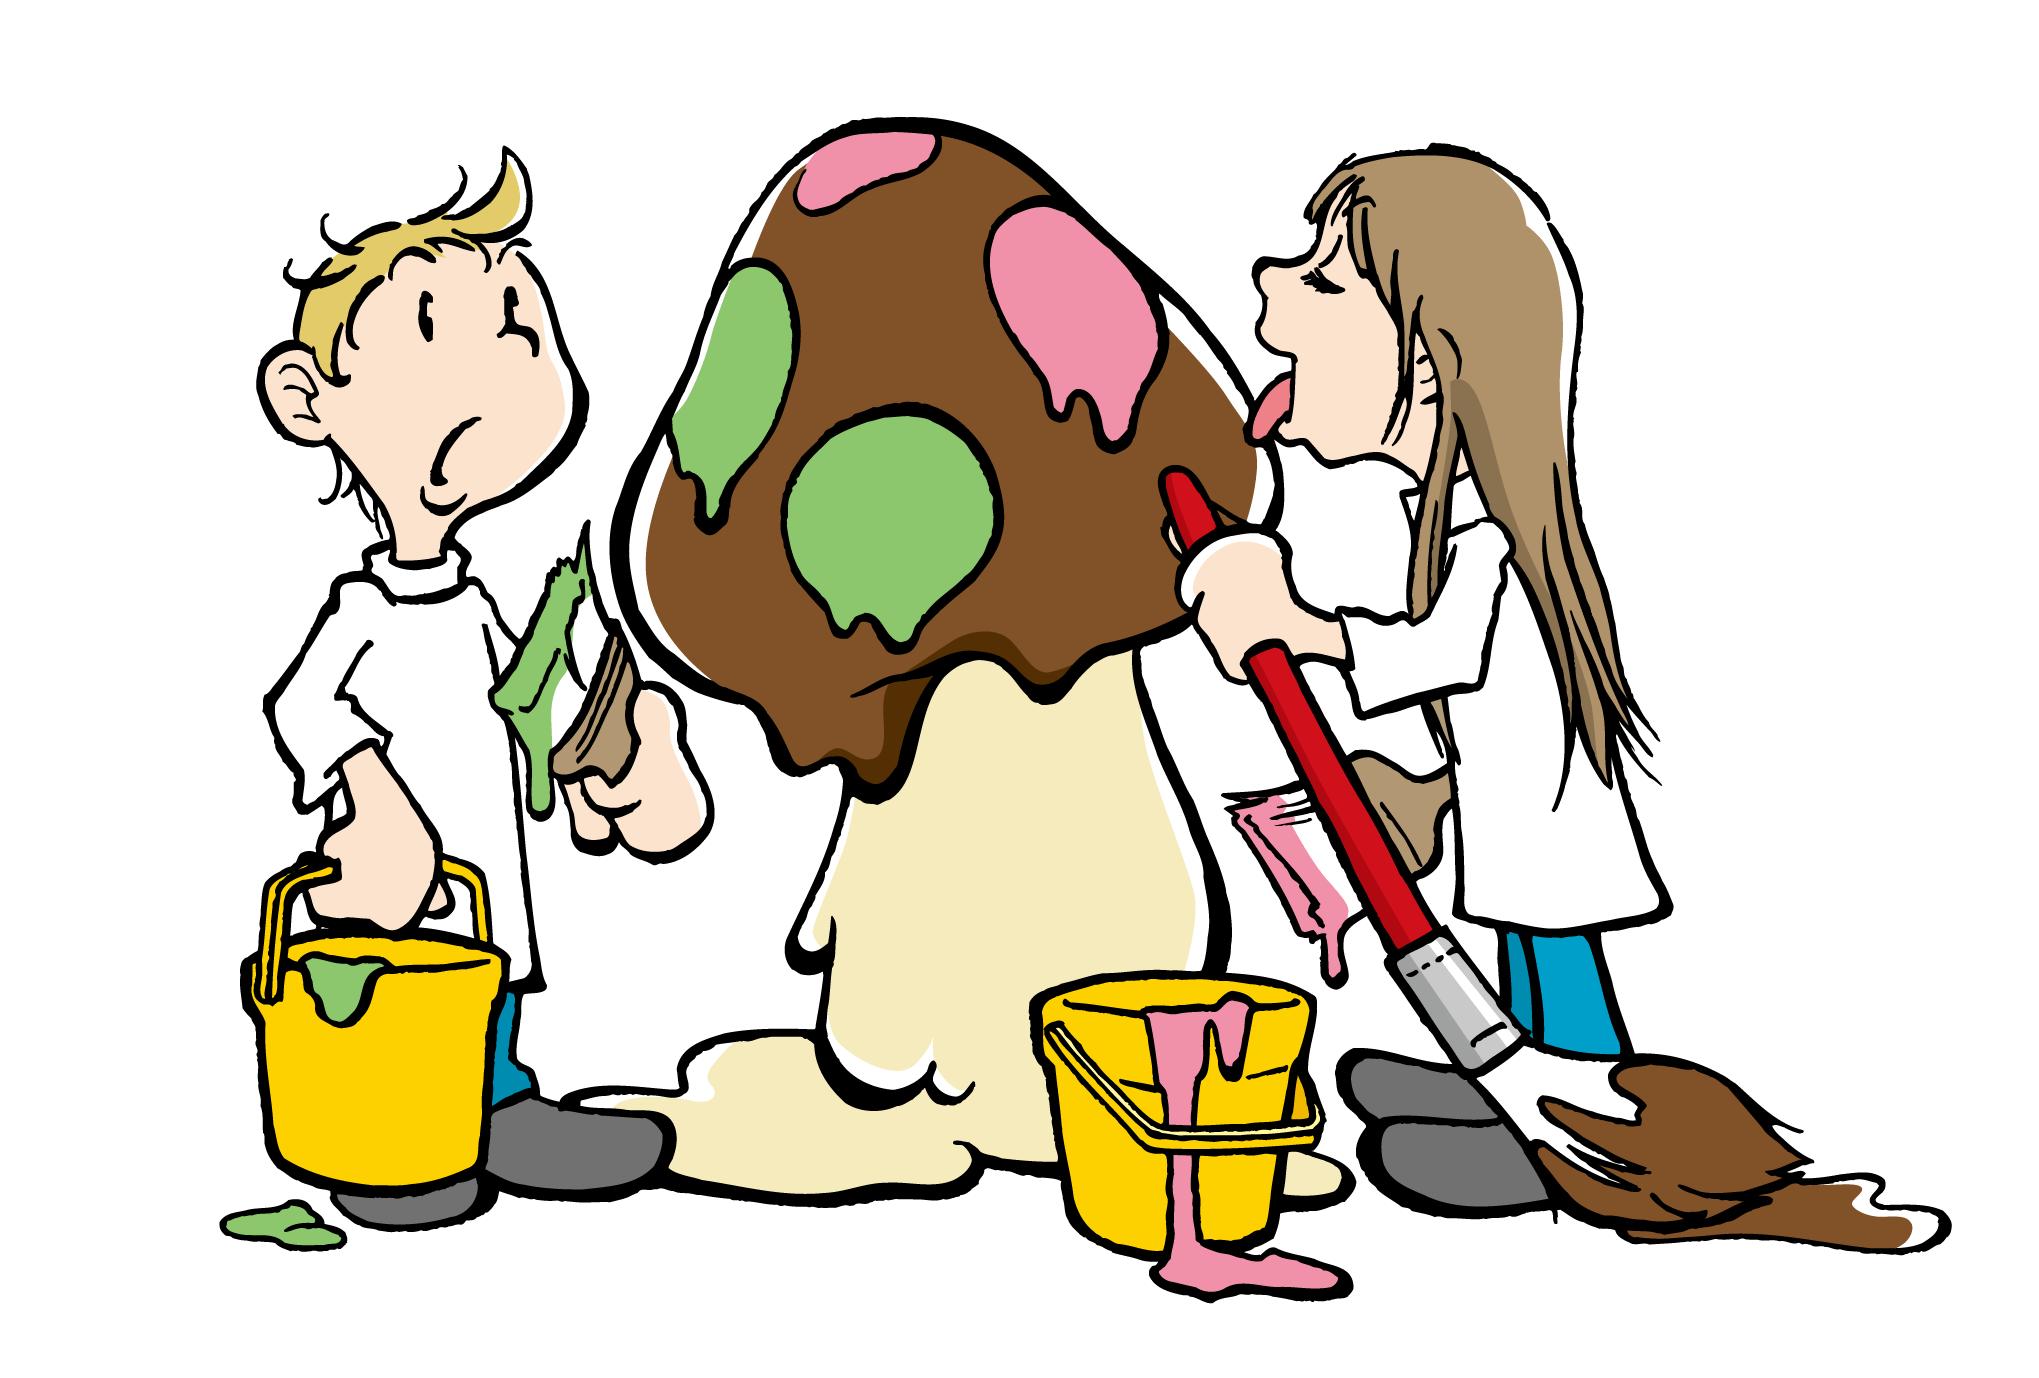 ポストカード24:Chocolate mushroomのダウンロード画像